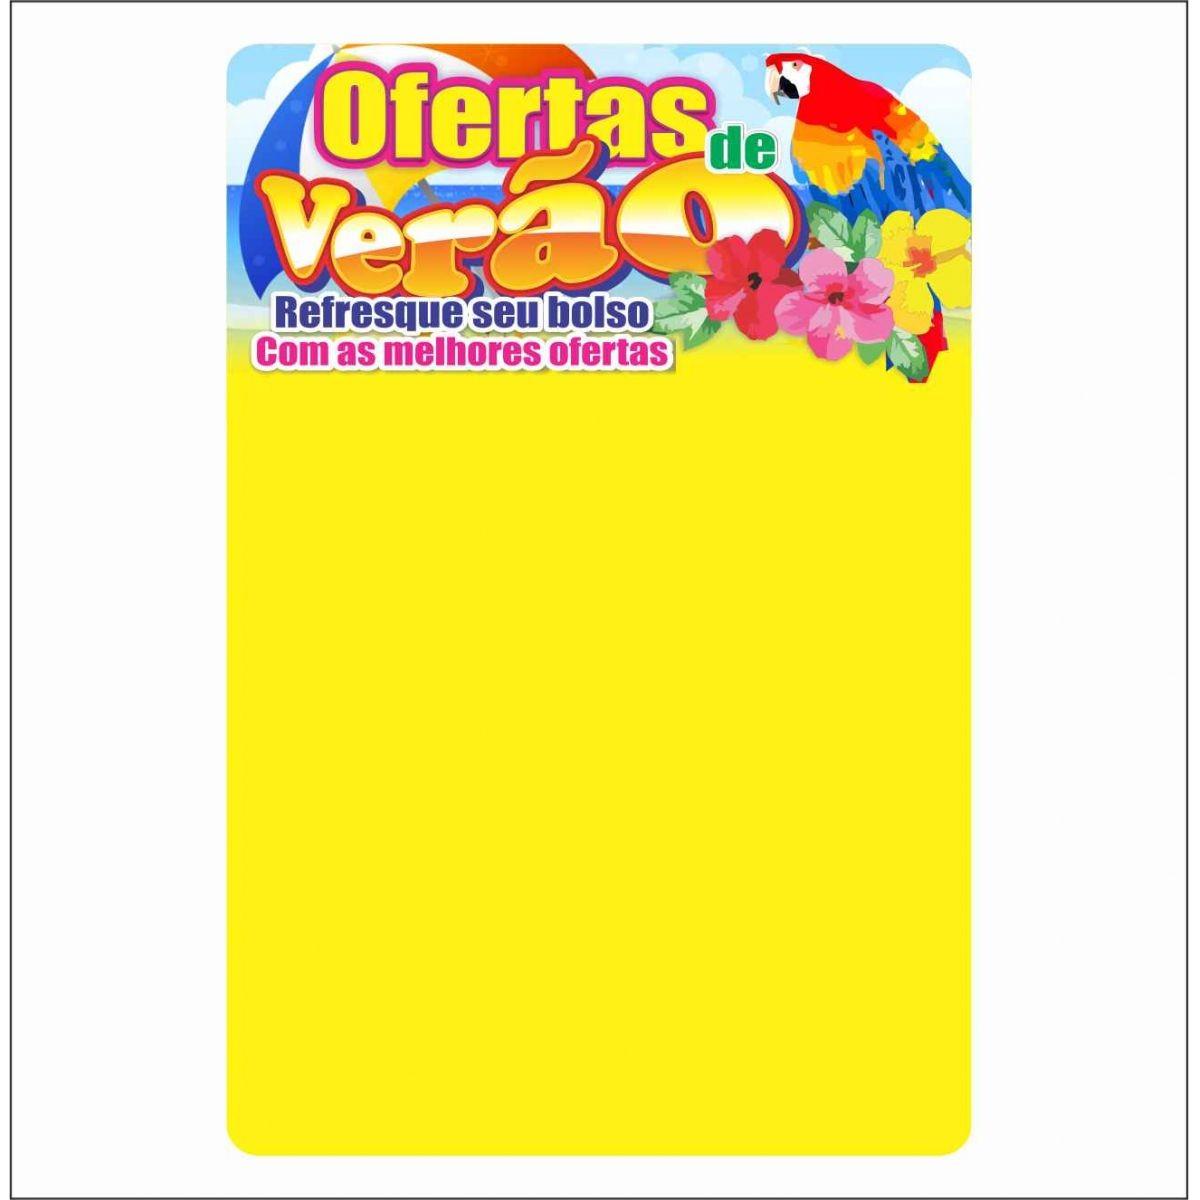 CARTAZ VERÃO ARARA 29X40CM (C/50 UNIDADES)